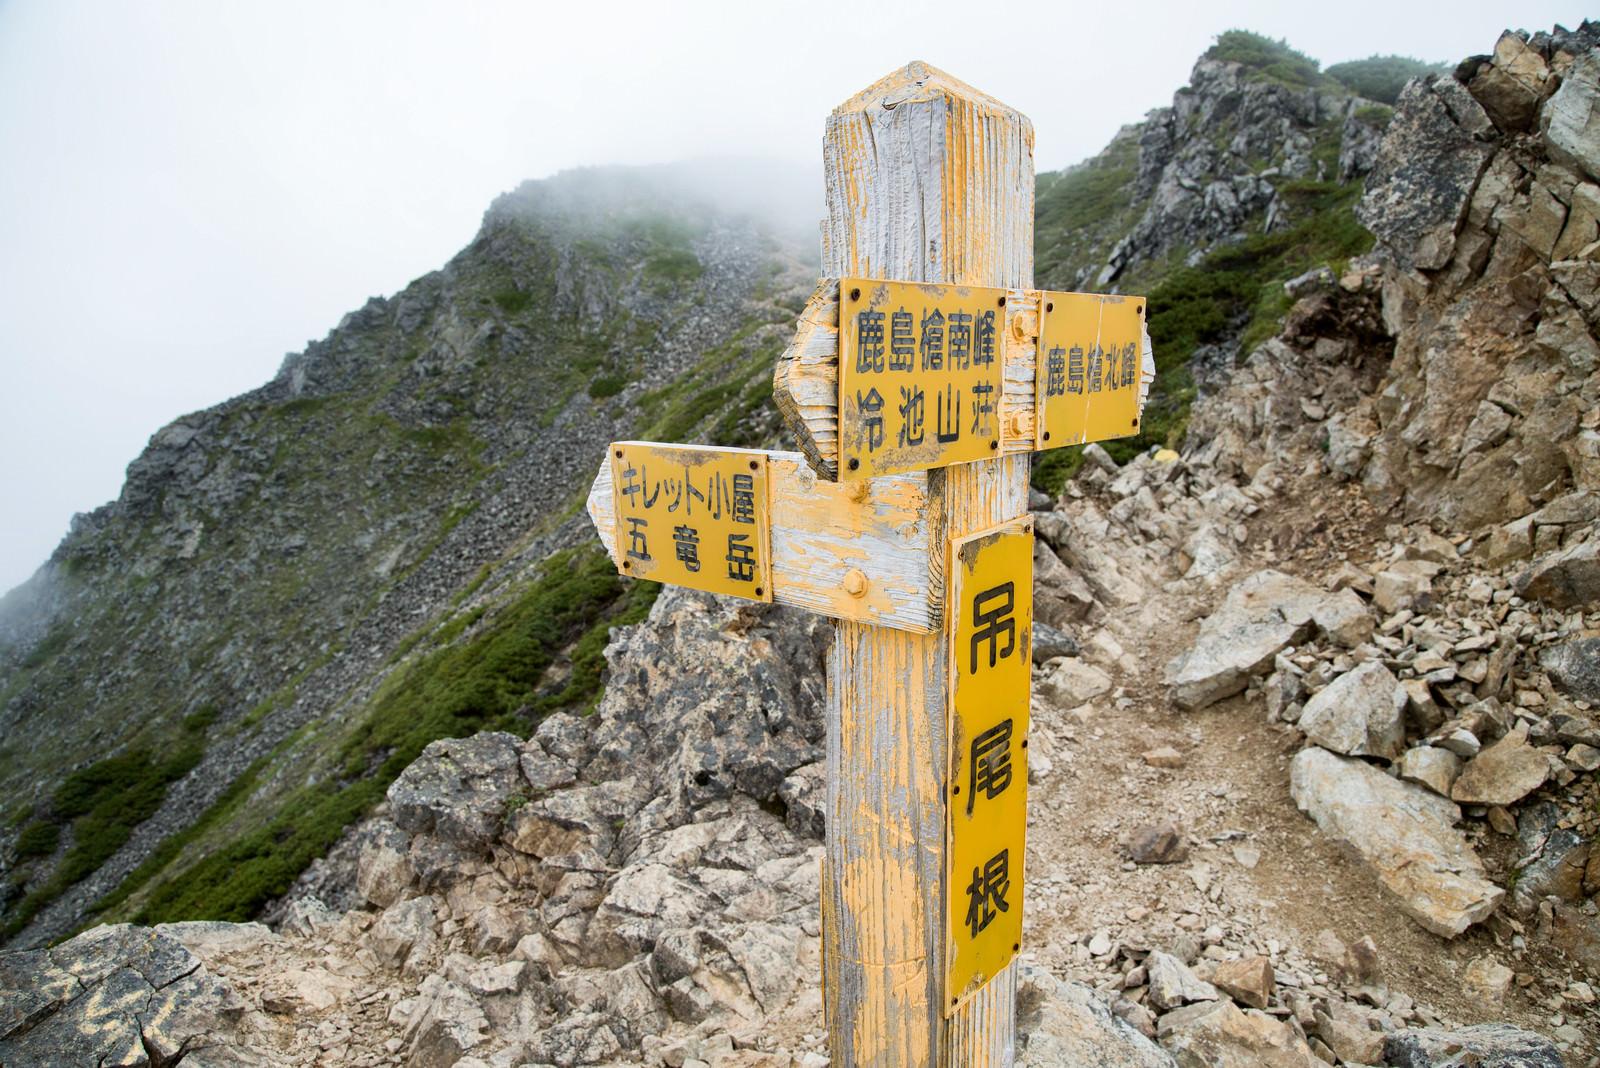 登山道で見つけた指導標(キレット小屋)のフリー素材